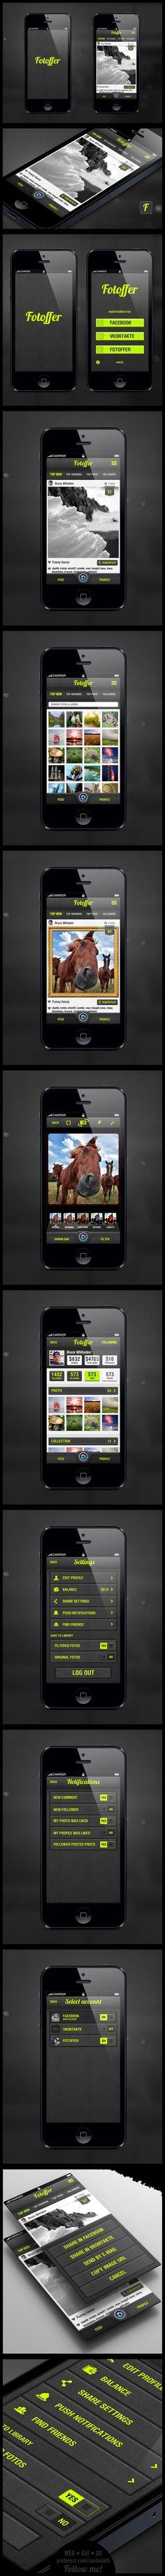 Fotoffer app (2012) by Konstantin Kondratovich, via Behance